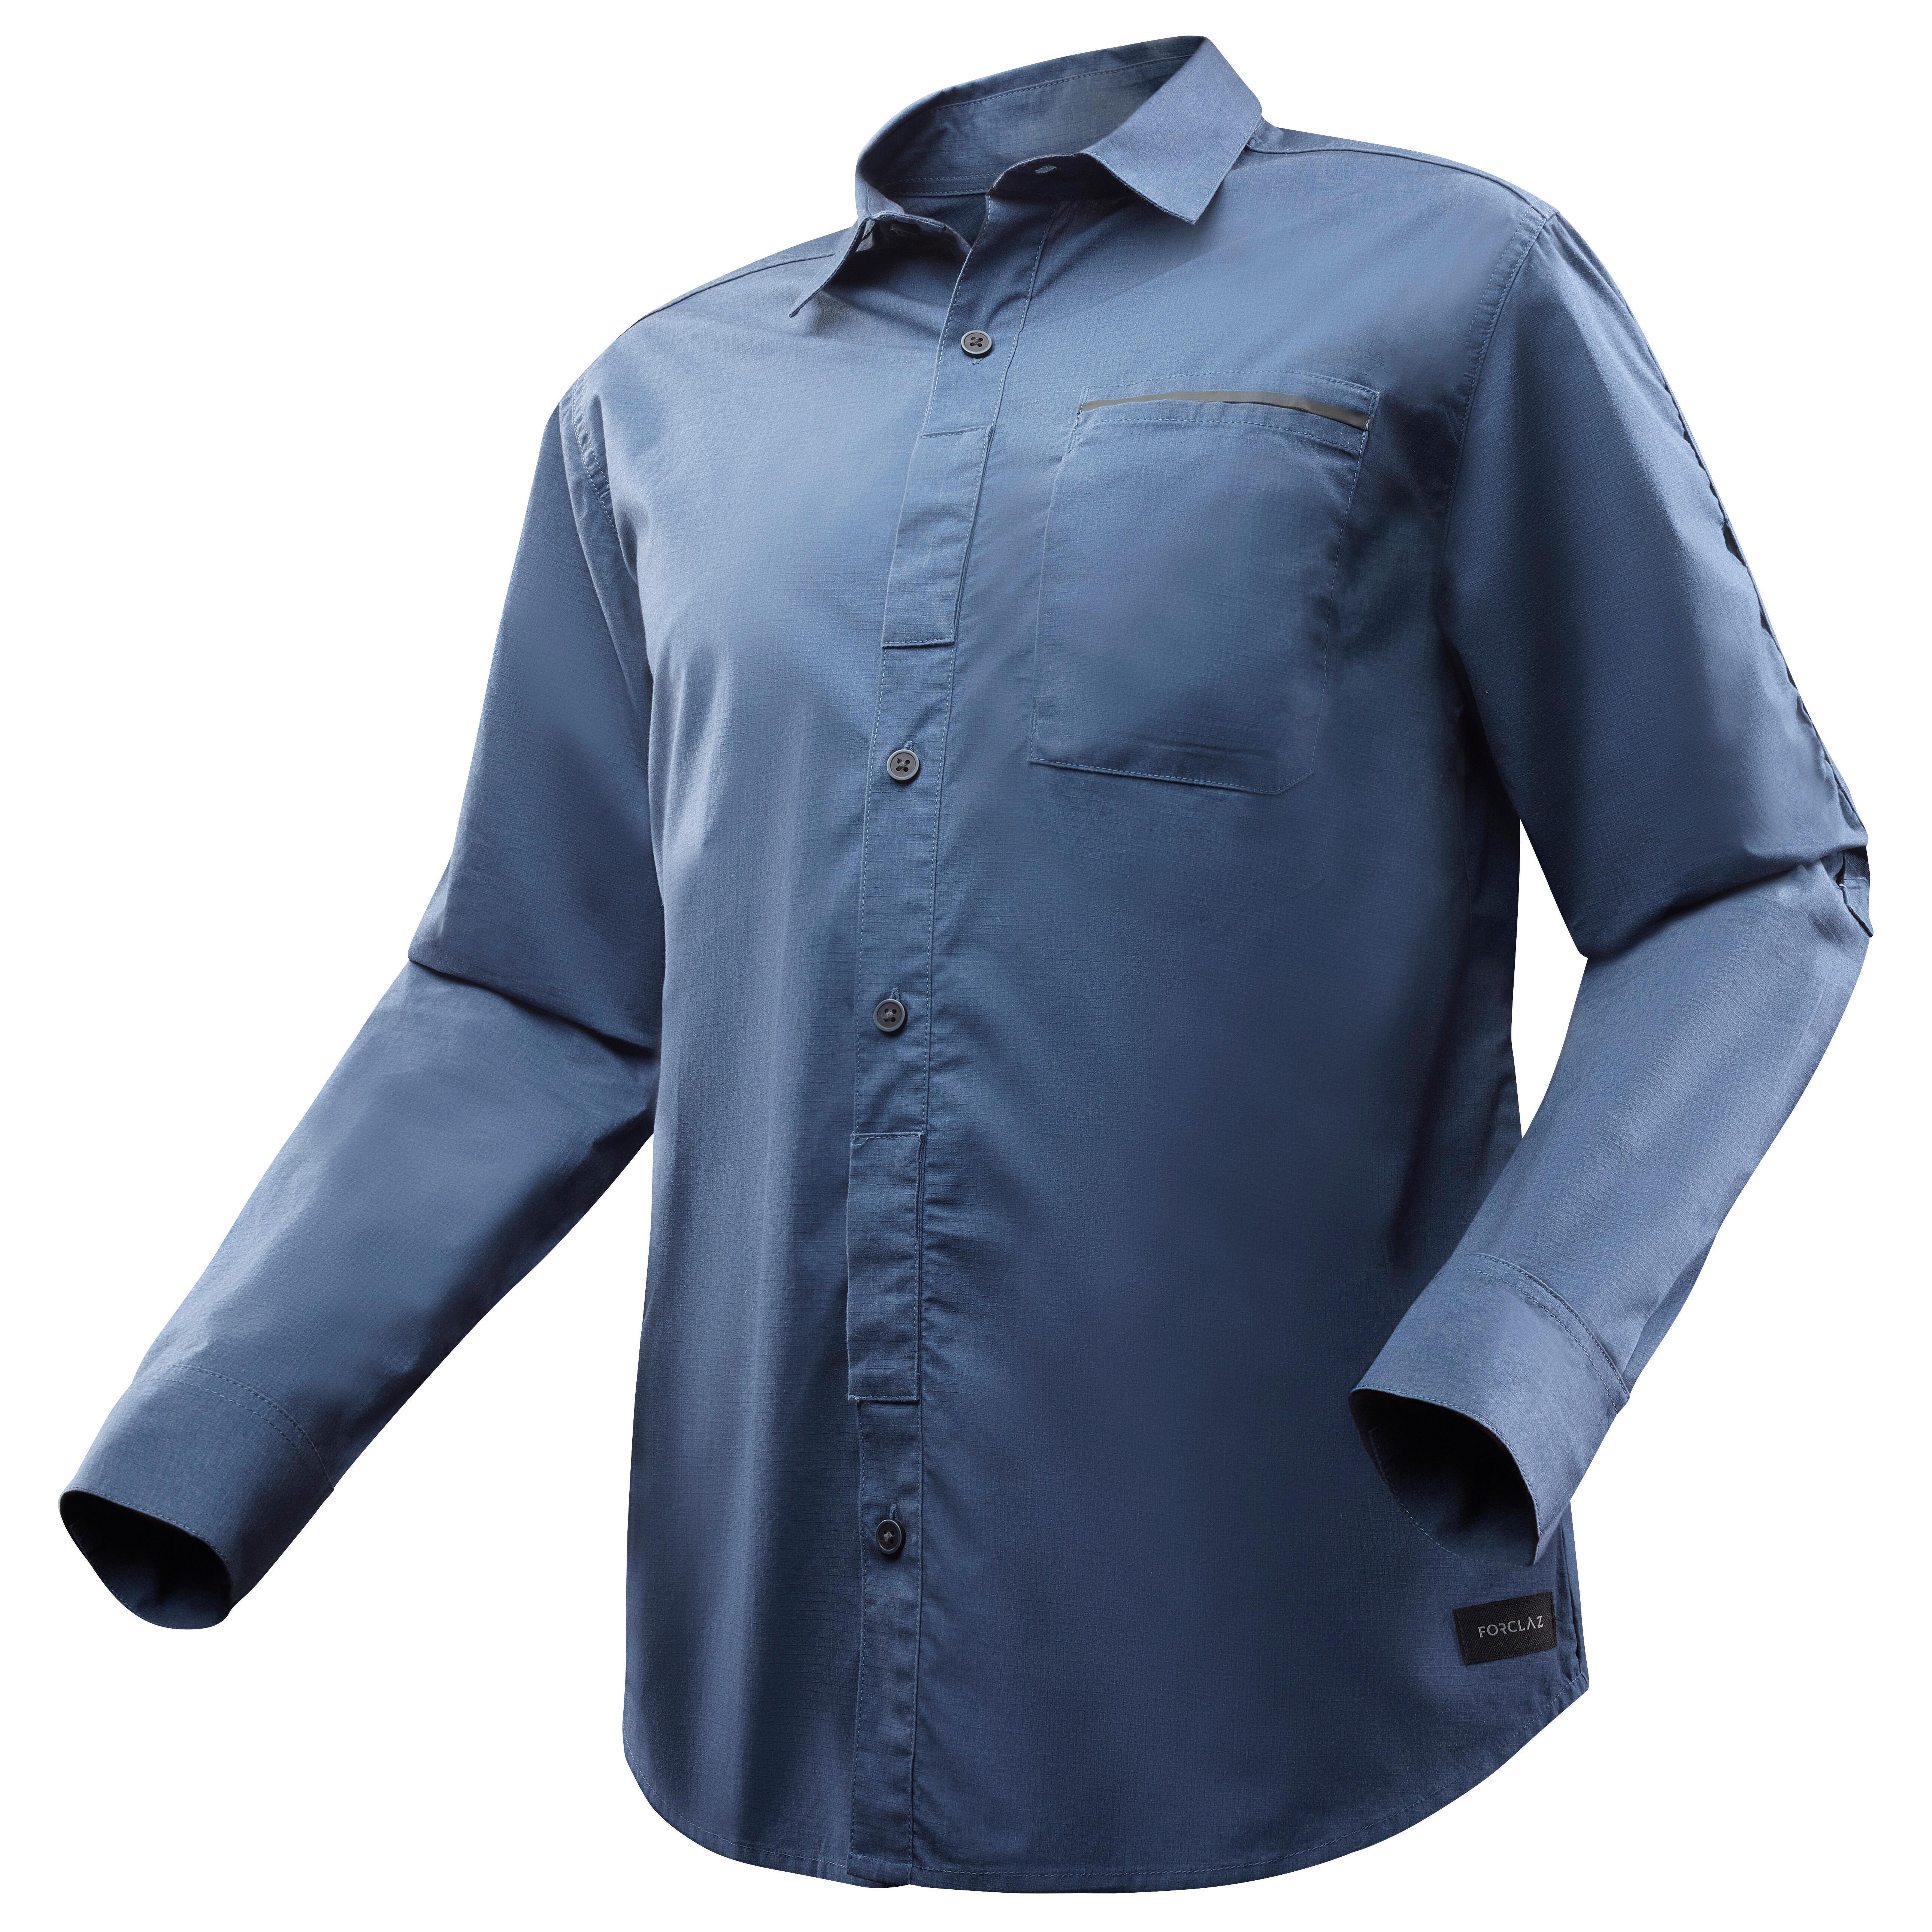 0b39b7b597 Comprar Camisas de Trekking y Montaña online